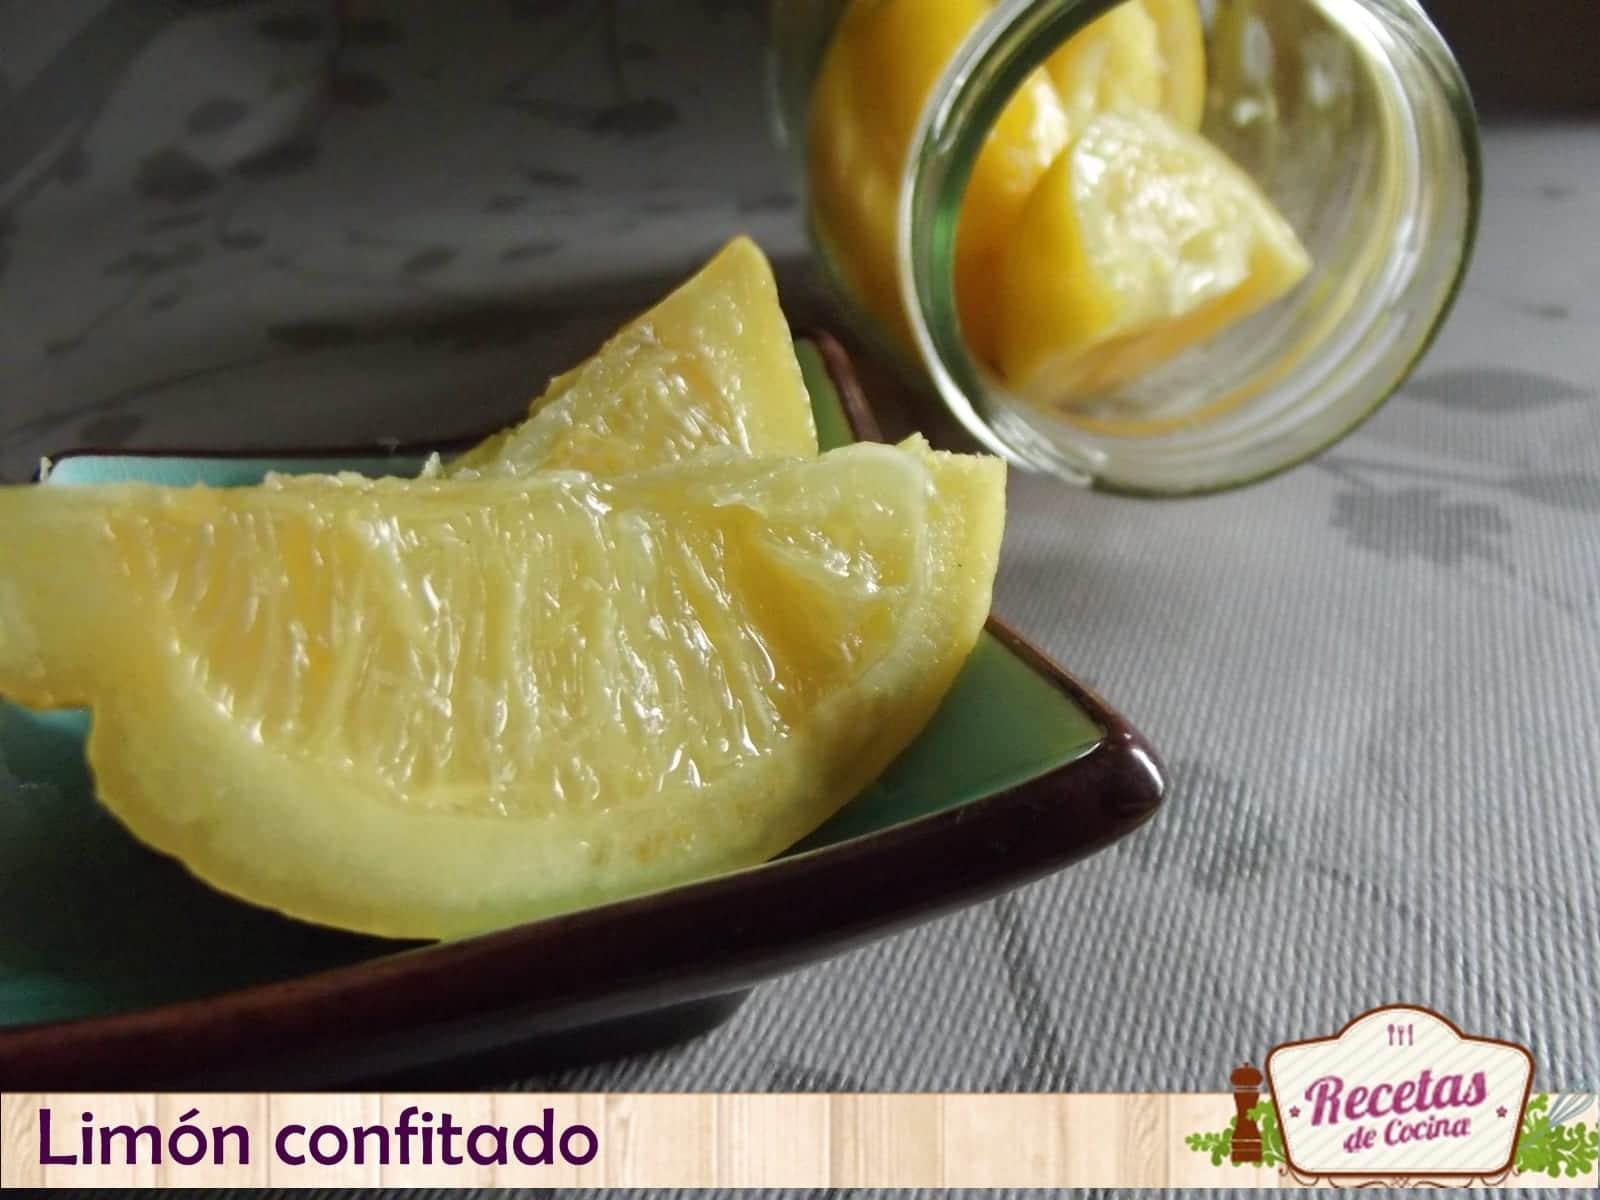 Receta de limón confitado, paso a paso